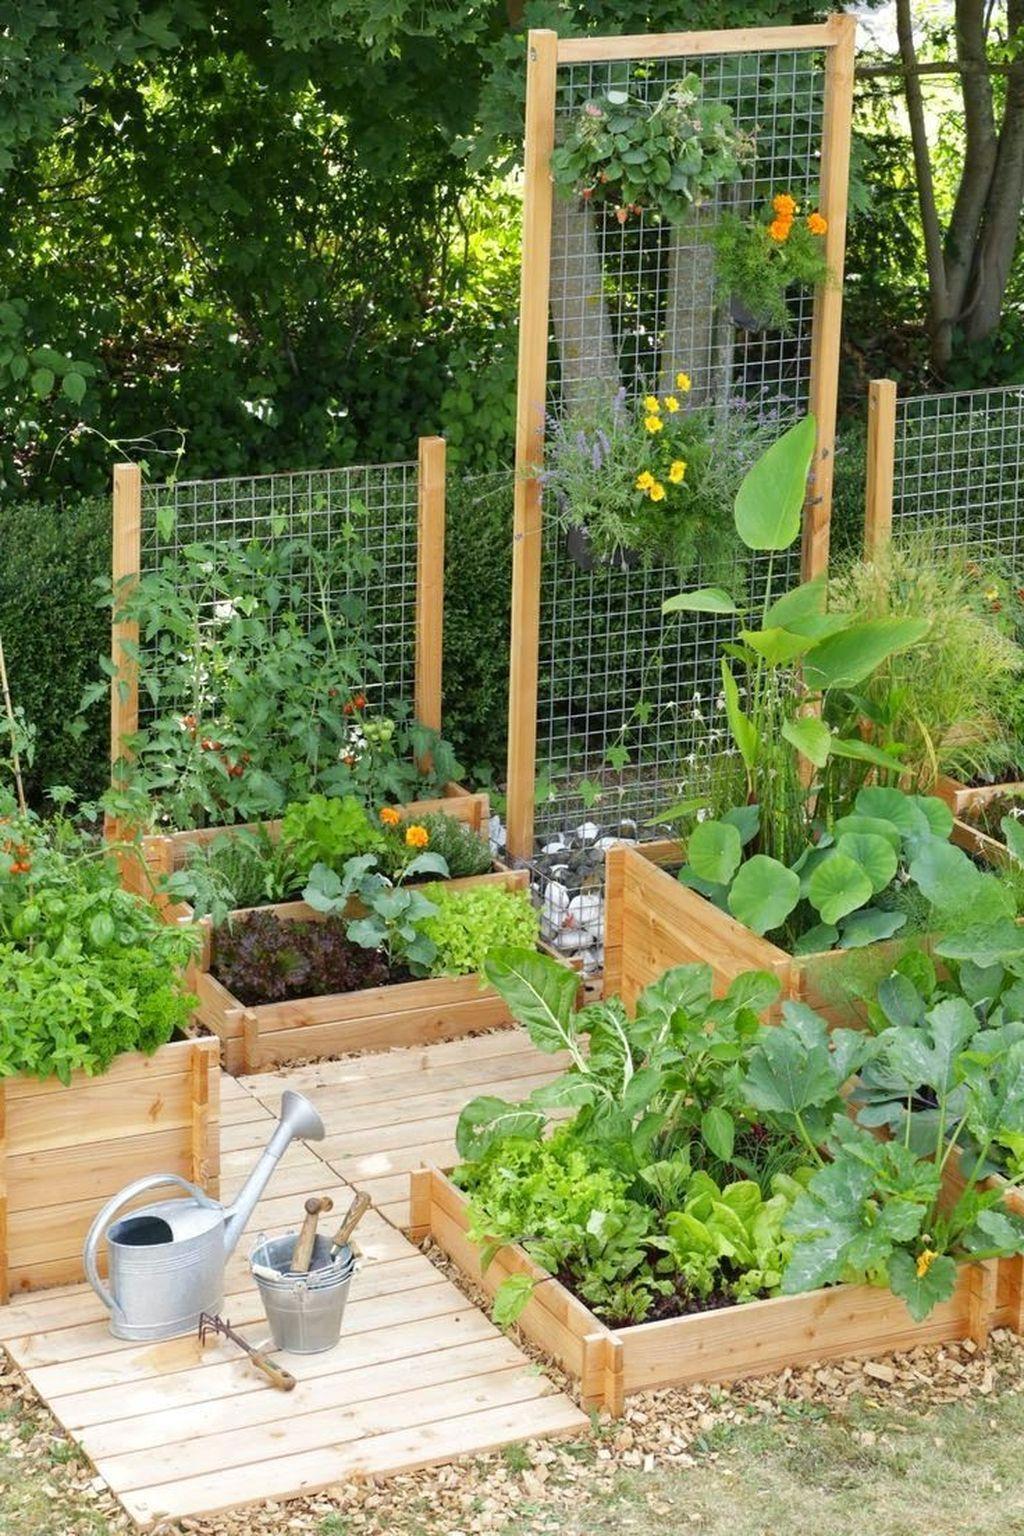 10 Small Kitchen Garden Ideas Most Elegant As Well As Attractive Small Vegetable Gardens Vegetable Garden Design Cute Garden Ideas